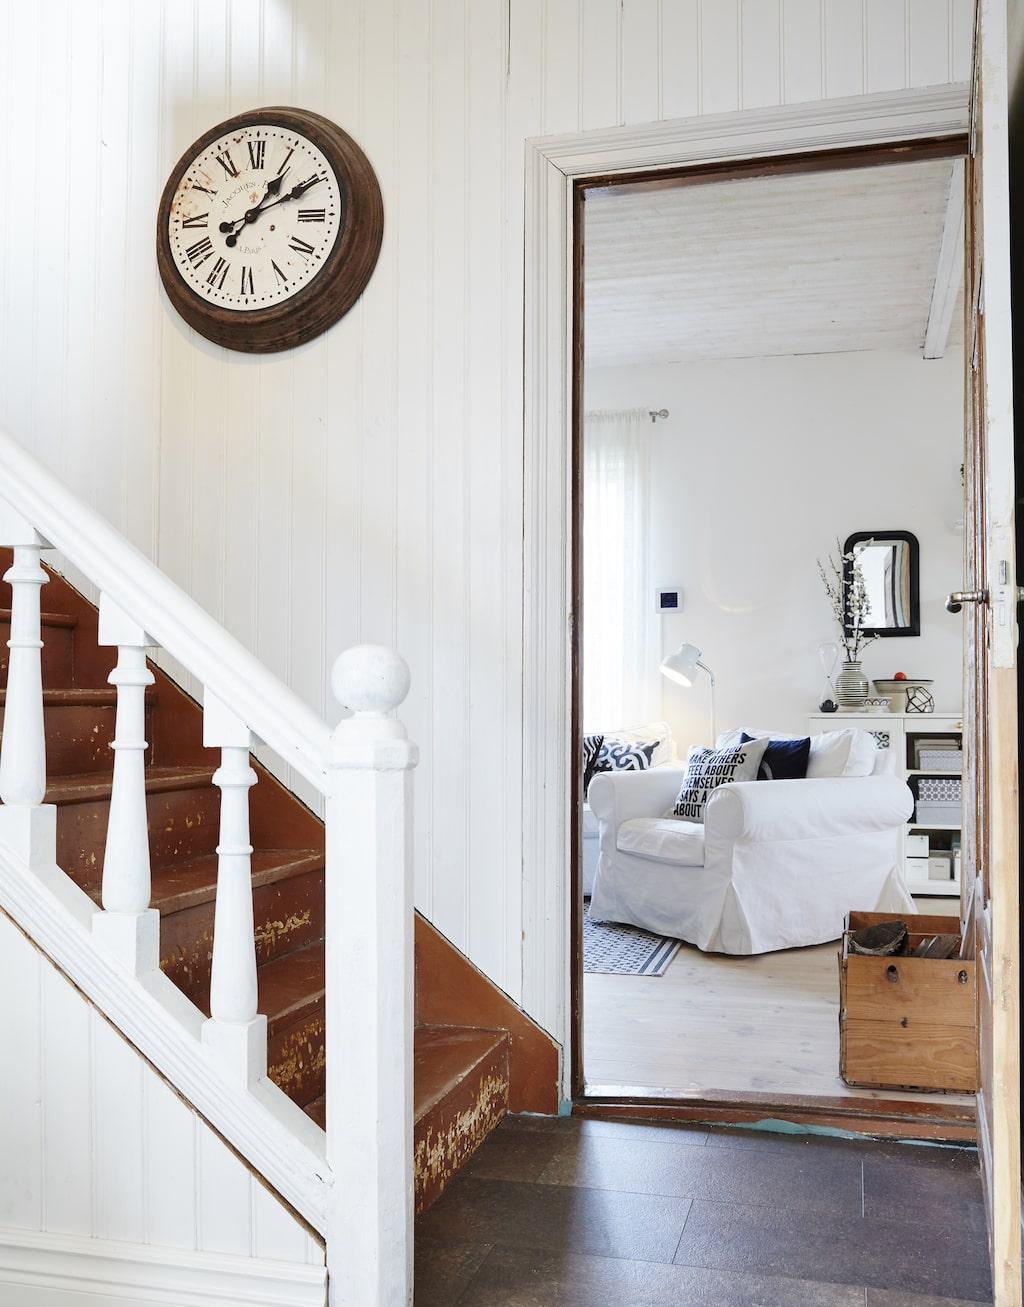 Trappan till övervåningen har fått behålla sin charmiga patina. Klockan i trappen kommer ifrån Malins butik.